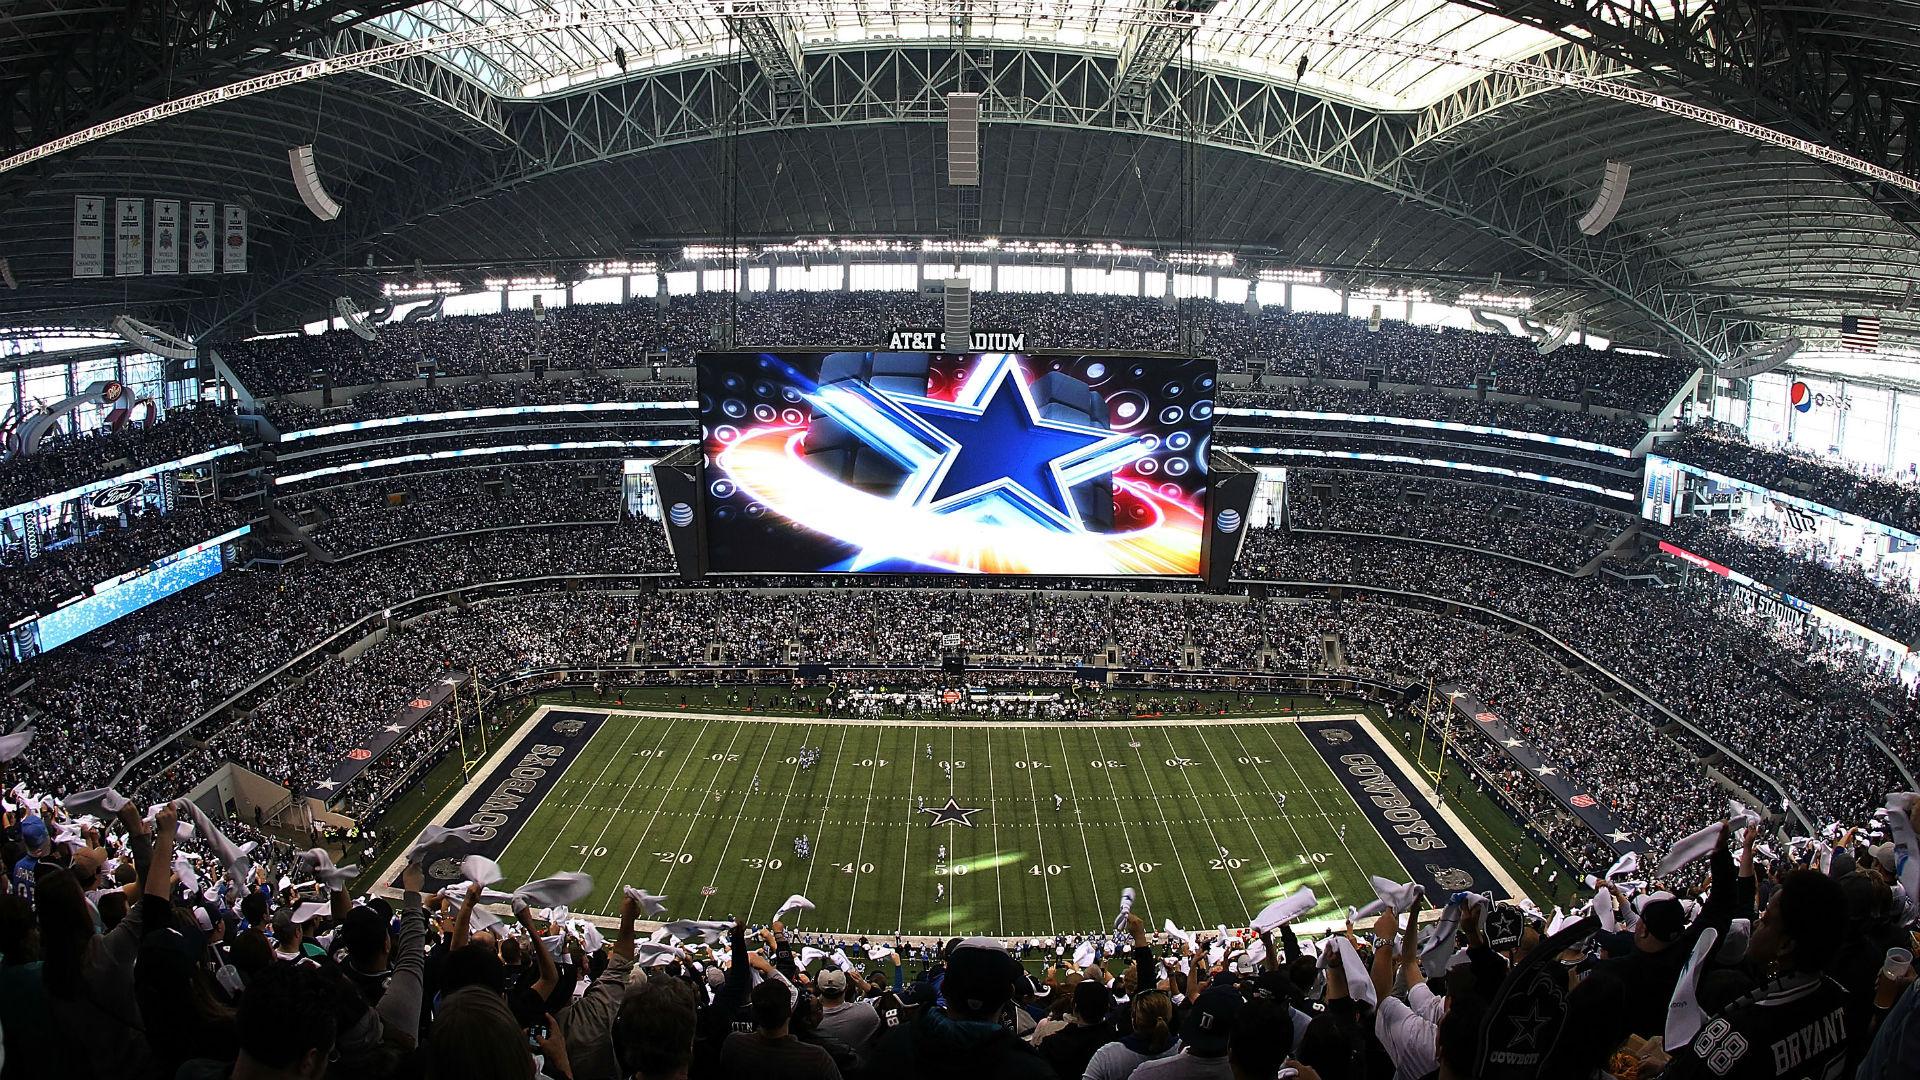 Les fameux écrans géants du AT&T Stadium (Getty)